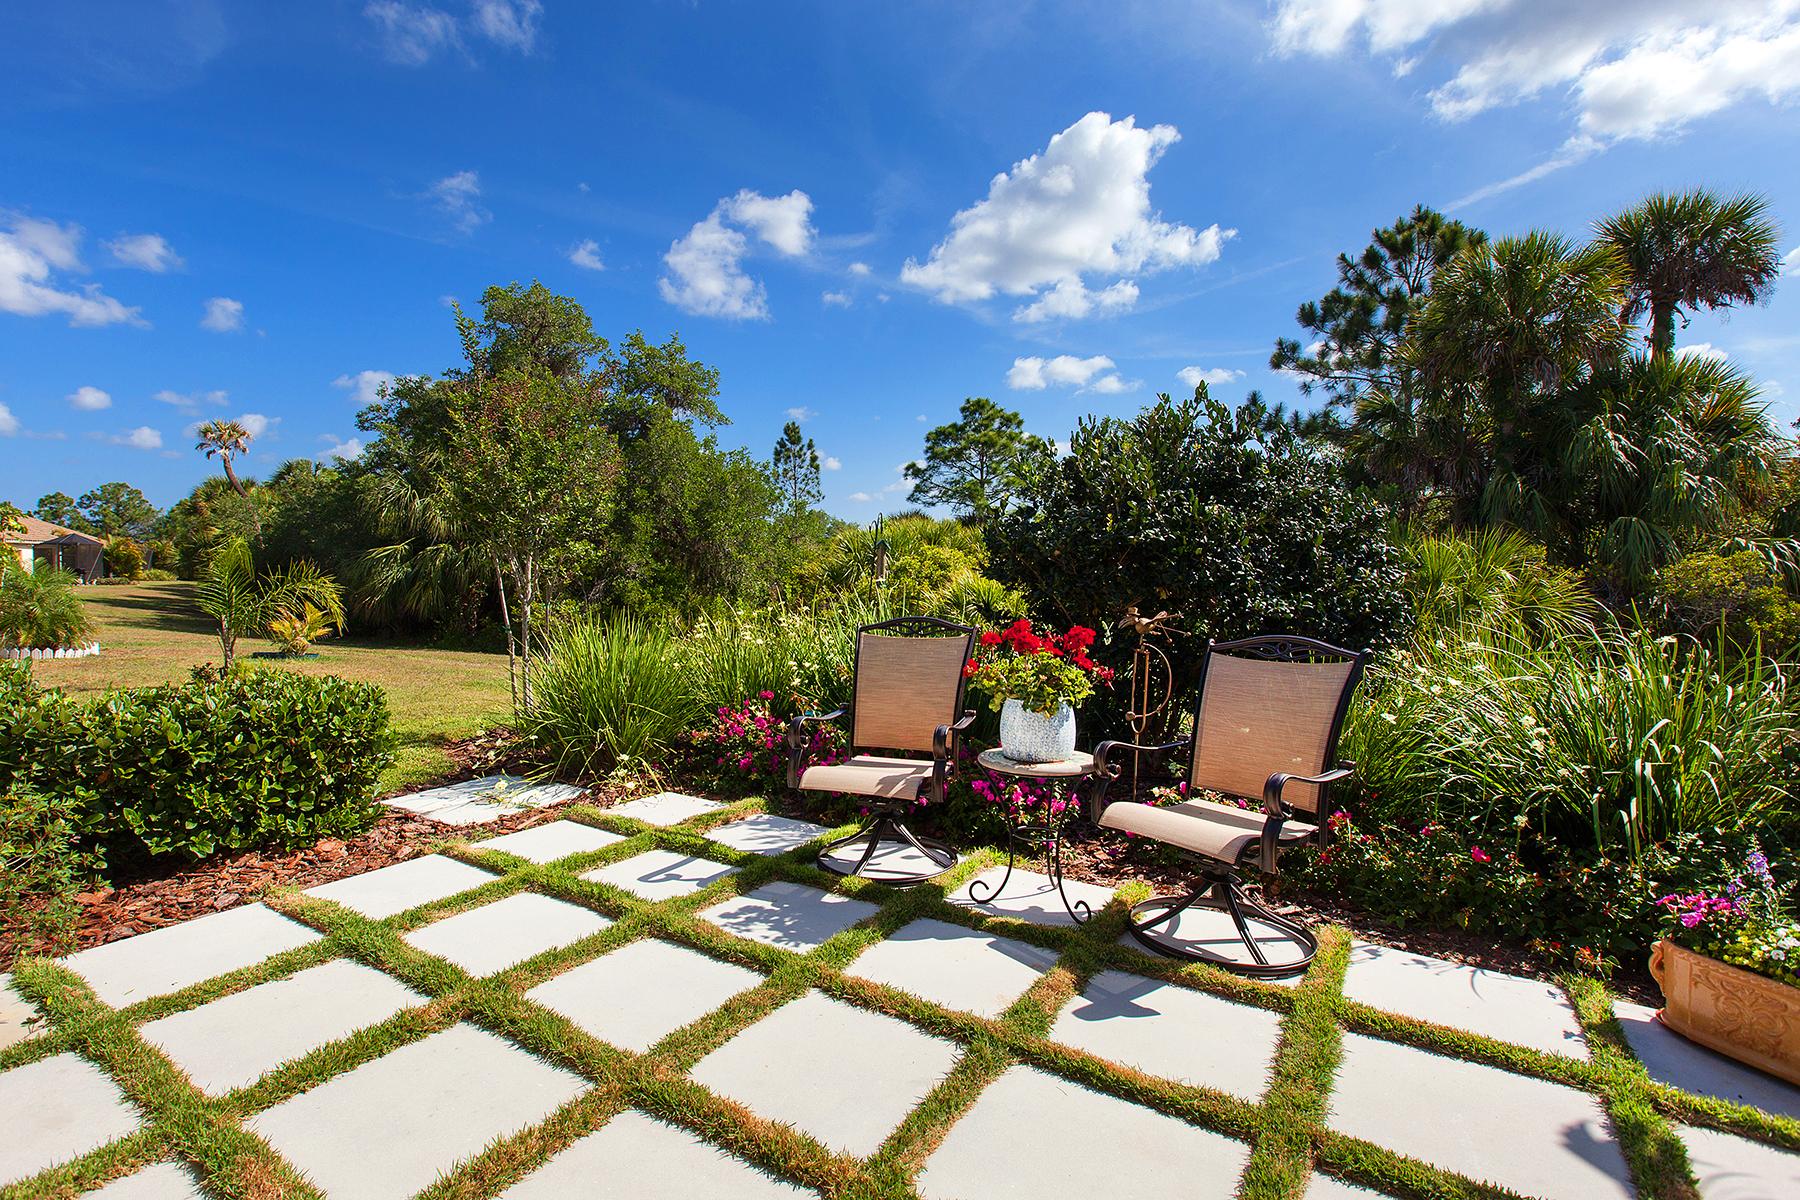 Таунхаус для того Продажа на GRAND PALM 1246 Collier Pl Venice, Флорида, 34293 Соединенные Штаты